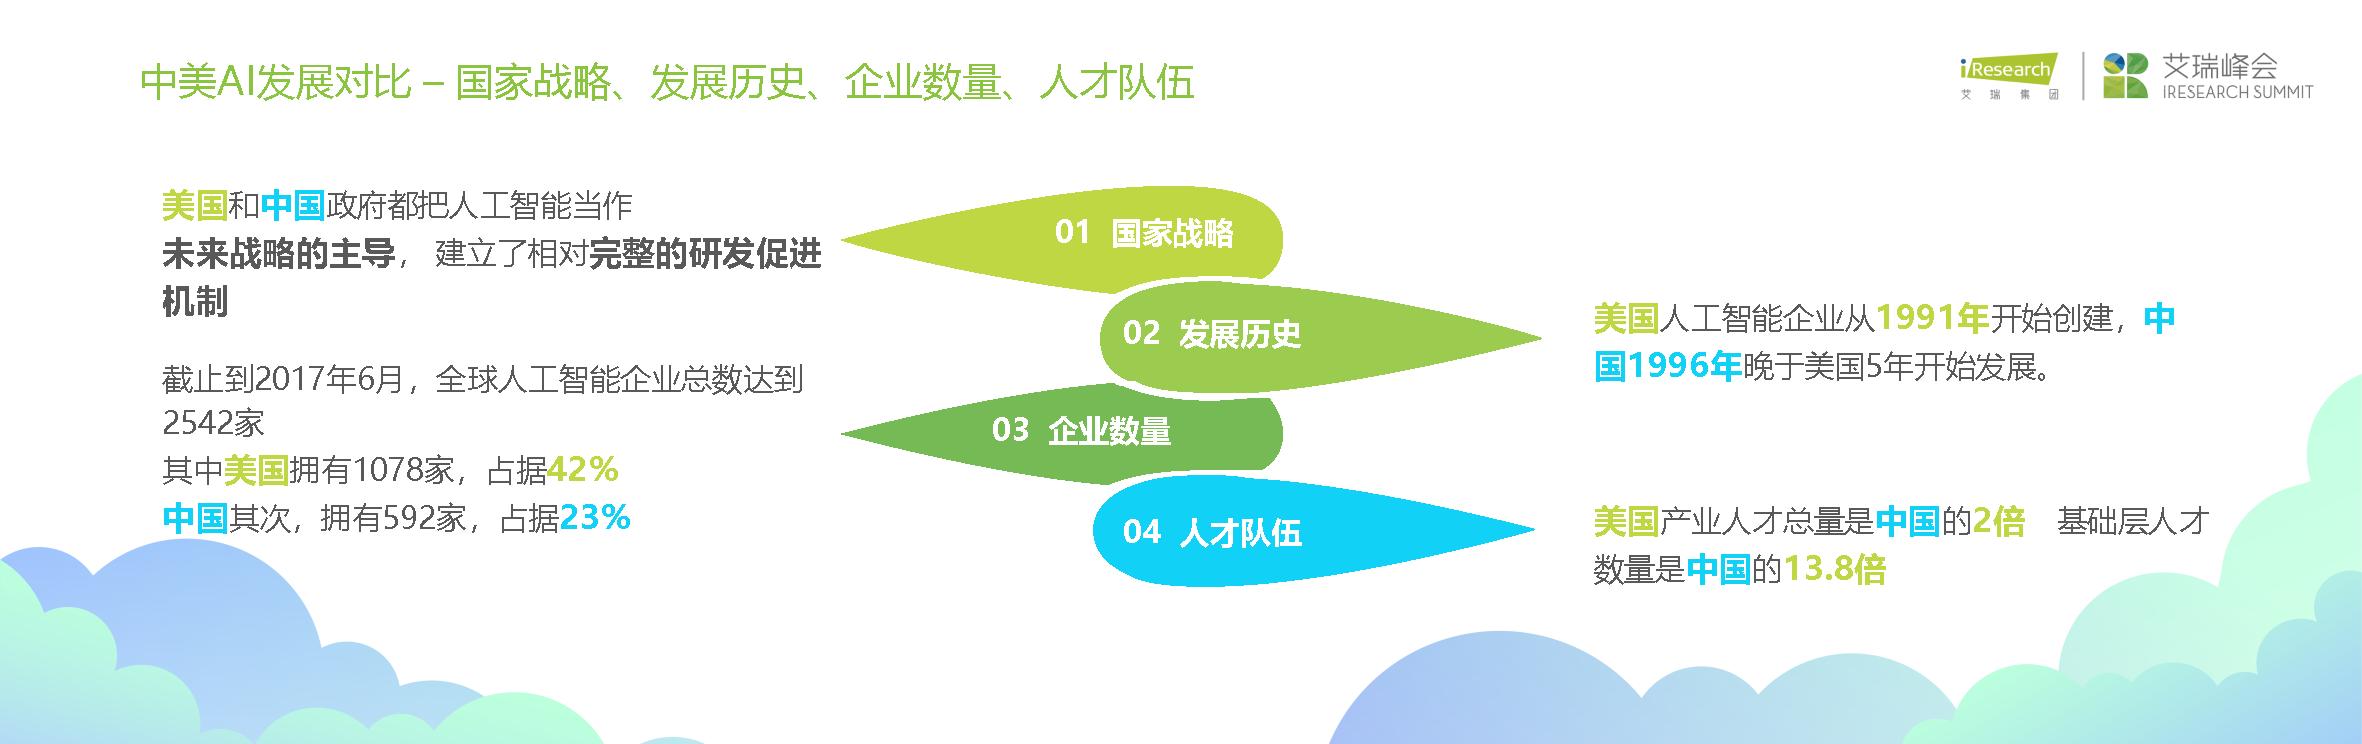 中国智造投资机会深圳峰会演讲PPTJaniceFinal_页面_14.png